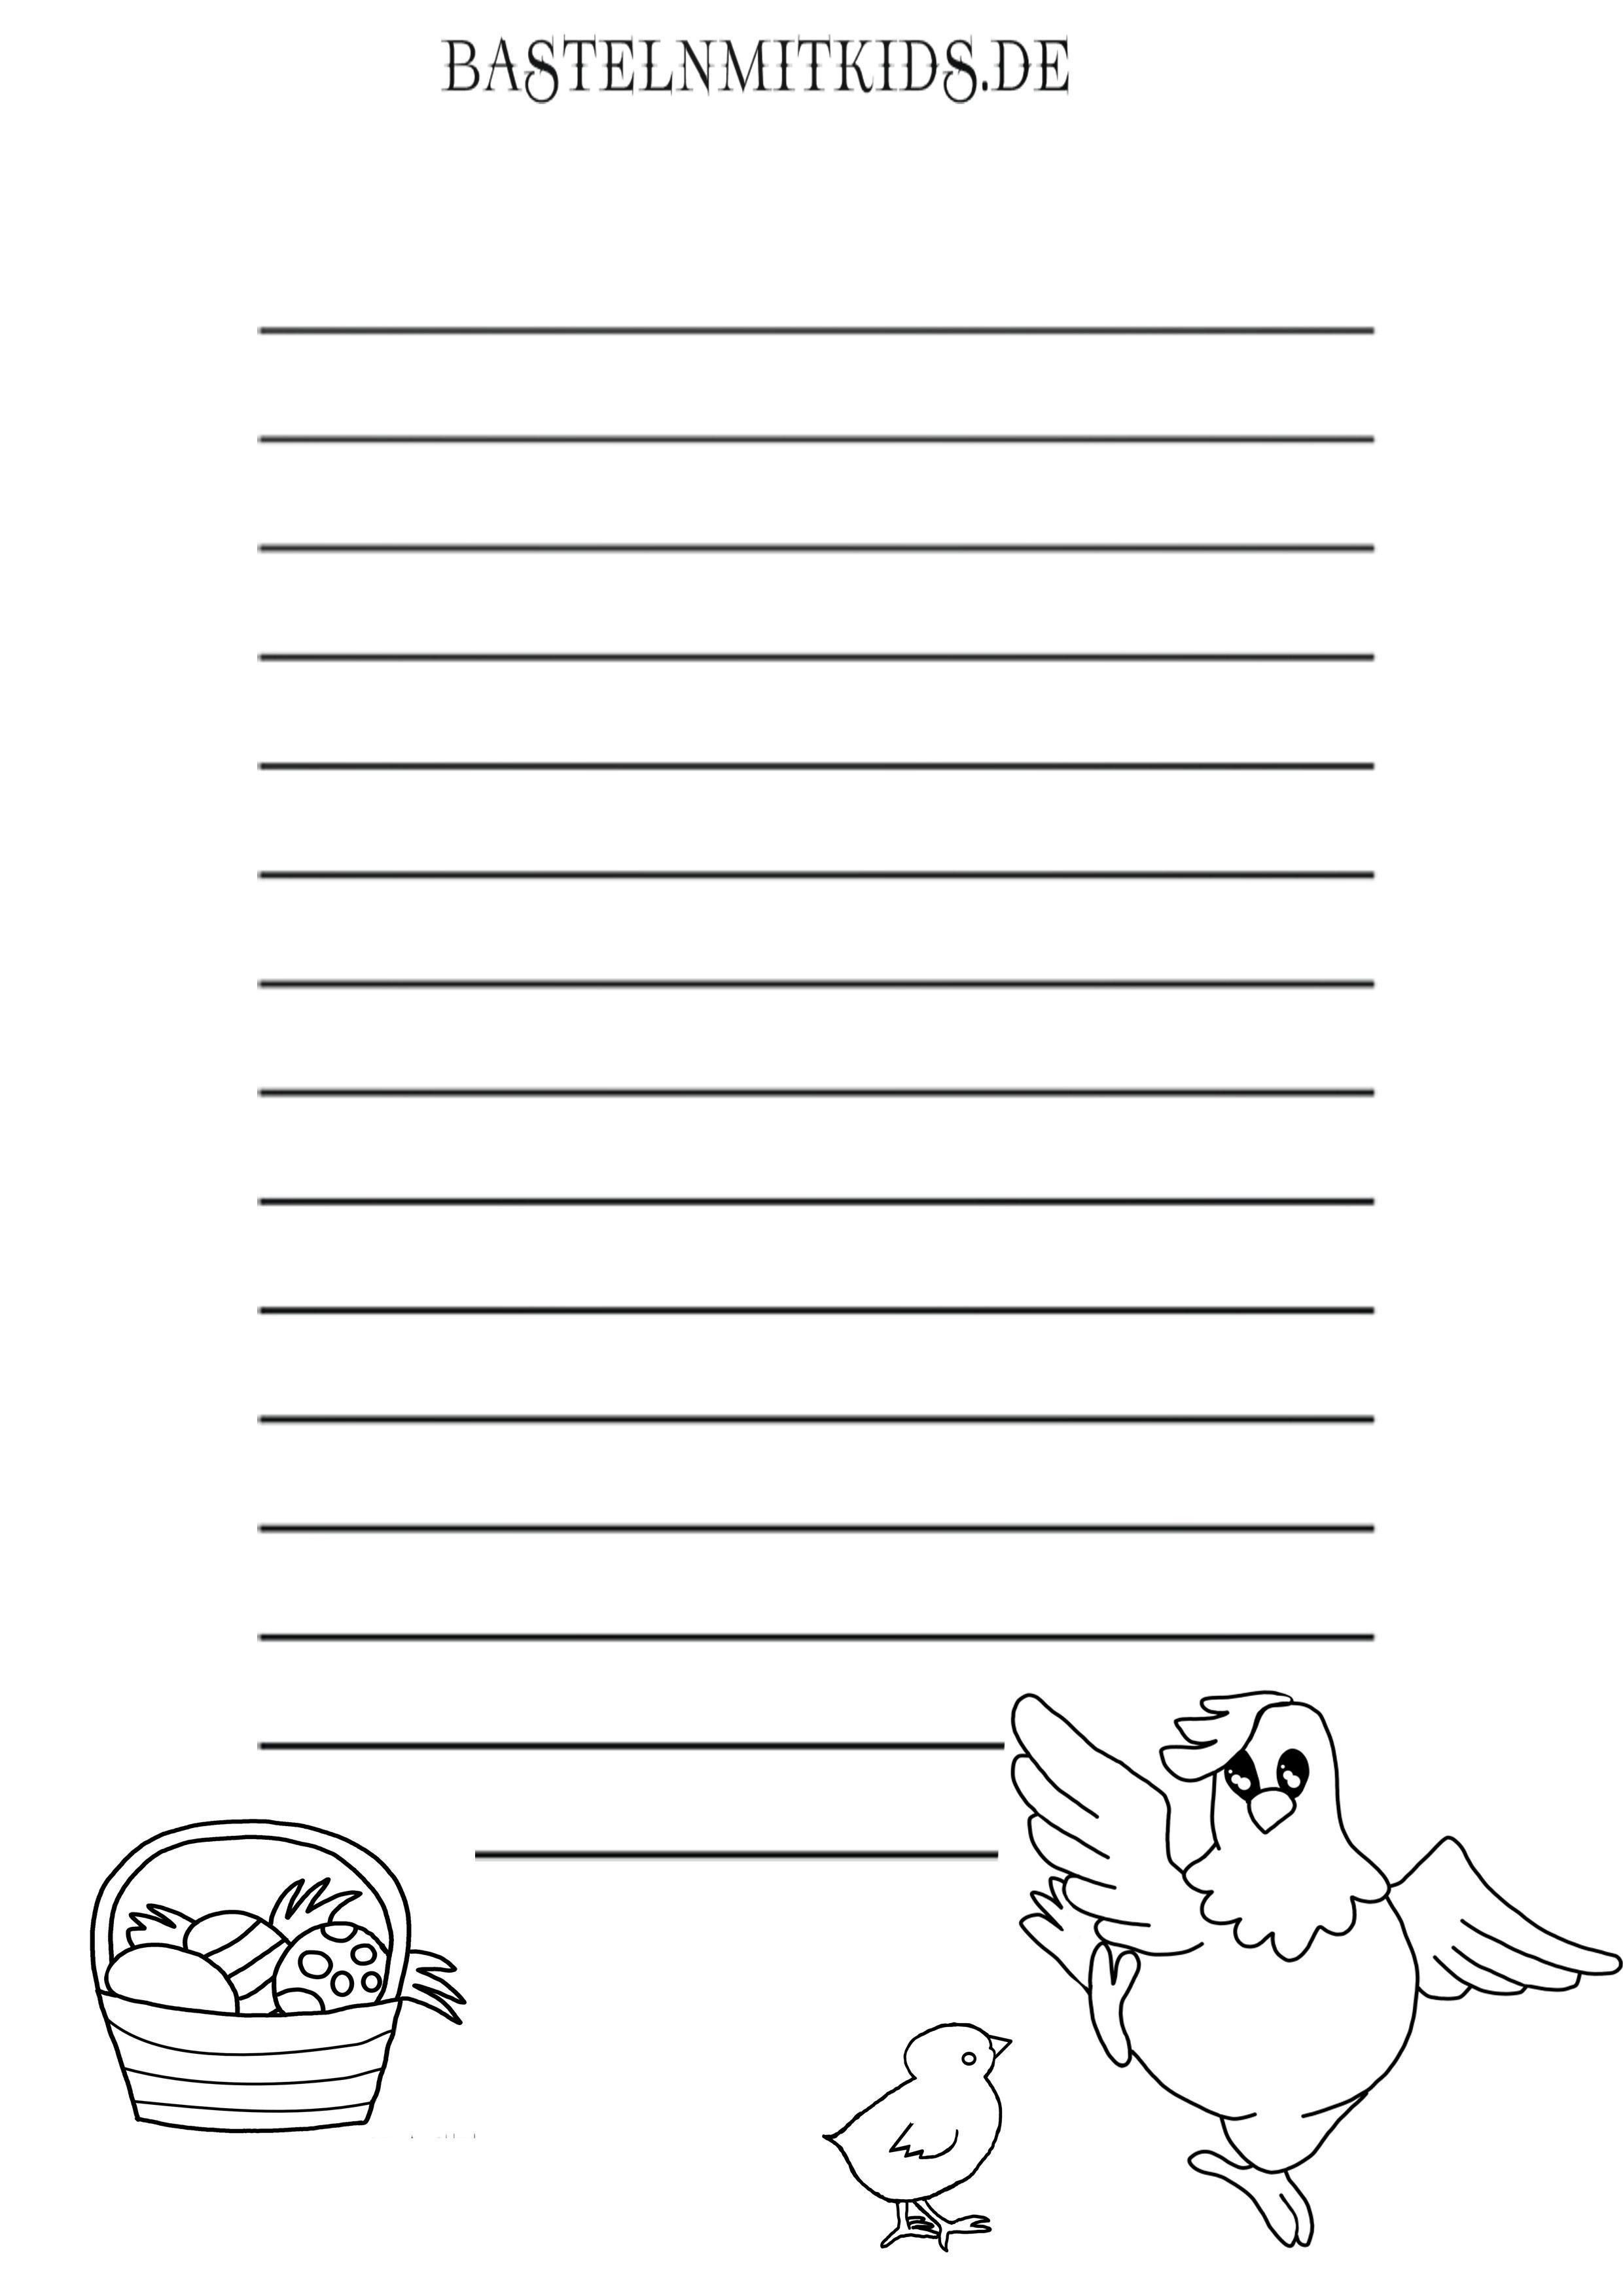 Malvorlagen und Briefpapier Gratis zum Drucken - Basteln mit Kindern